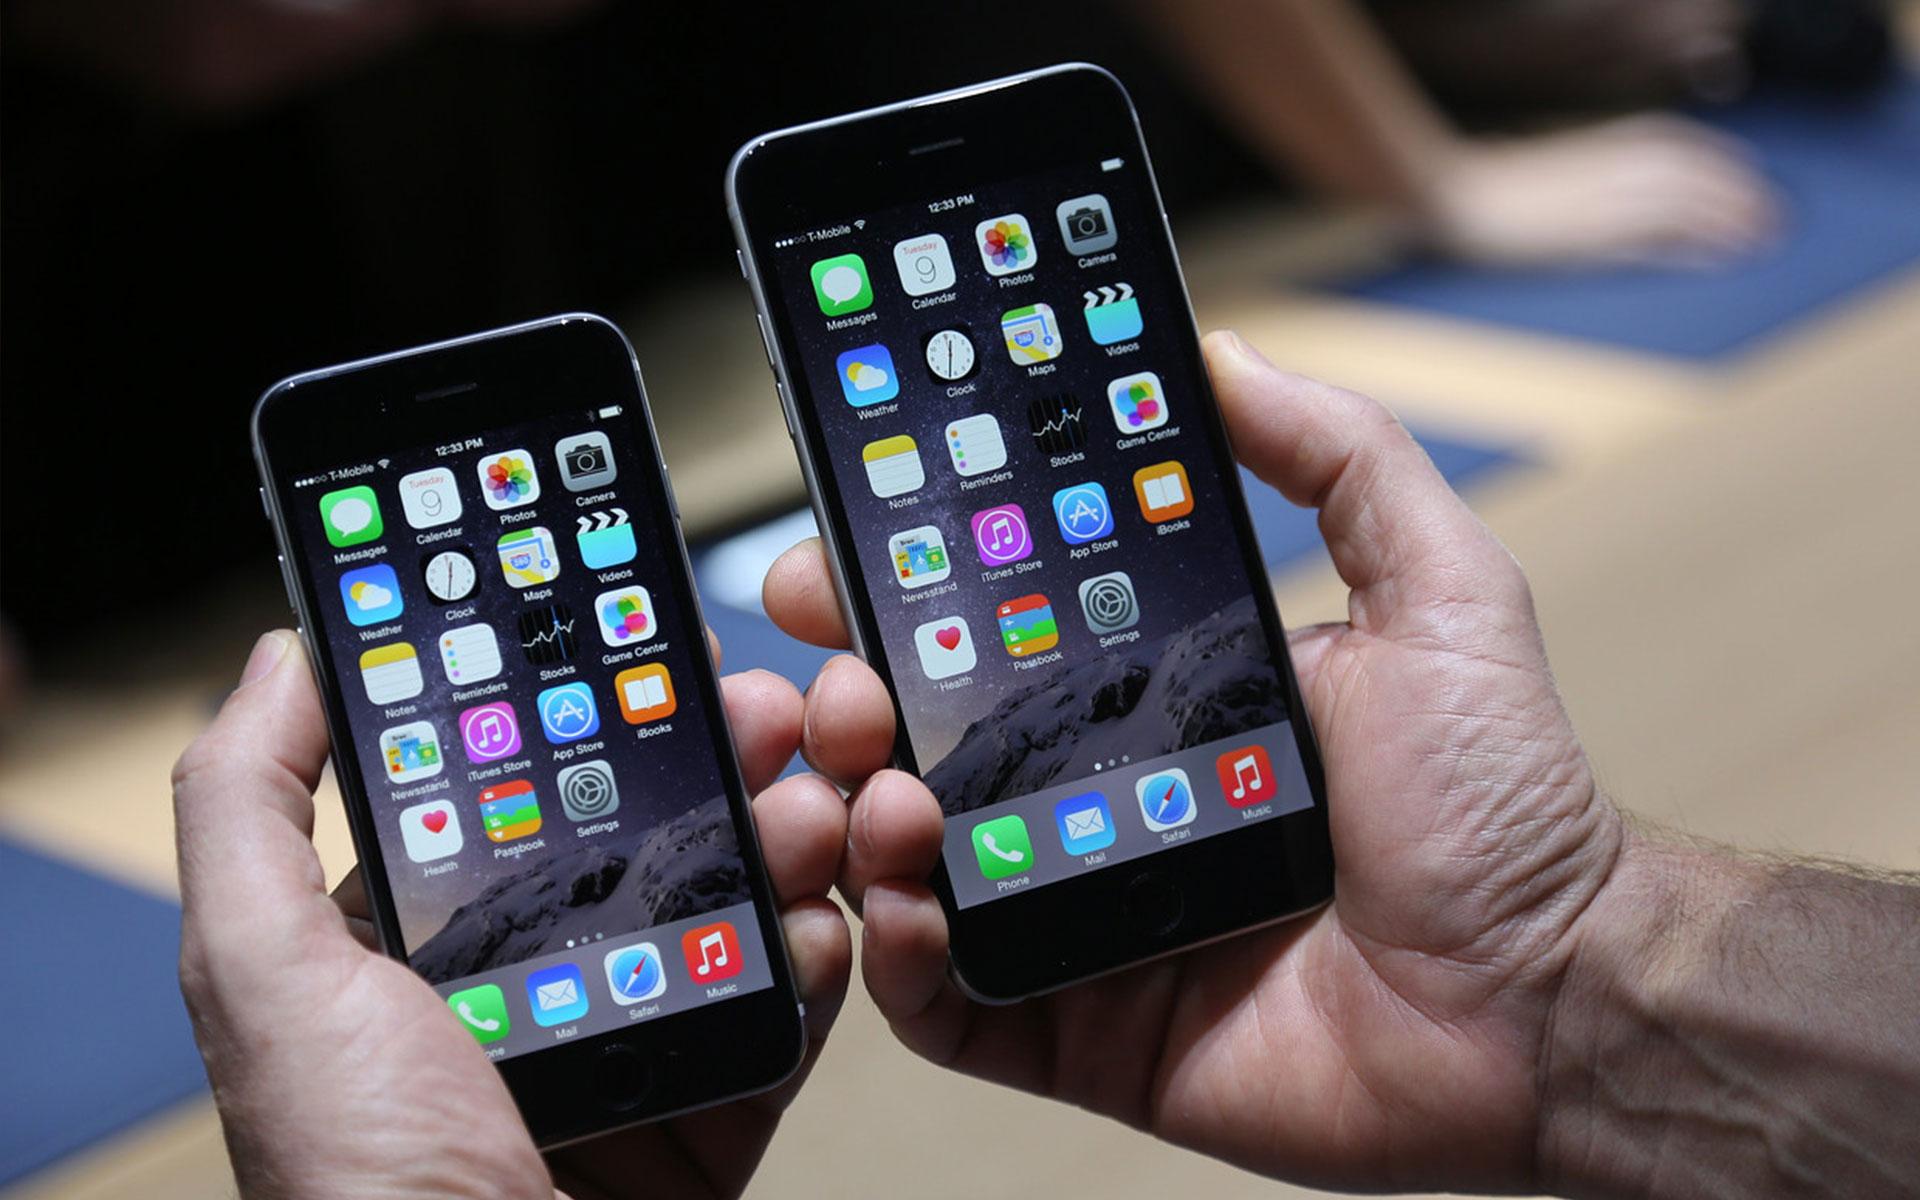 5.5 дюймовый дисплей iPhone 6, материнская плата и батарея в 2.915 мАч